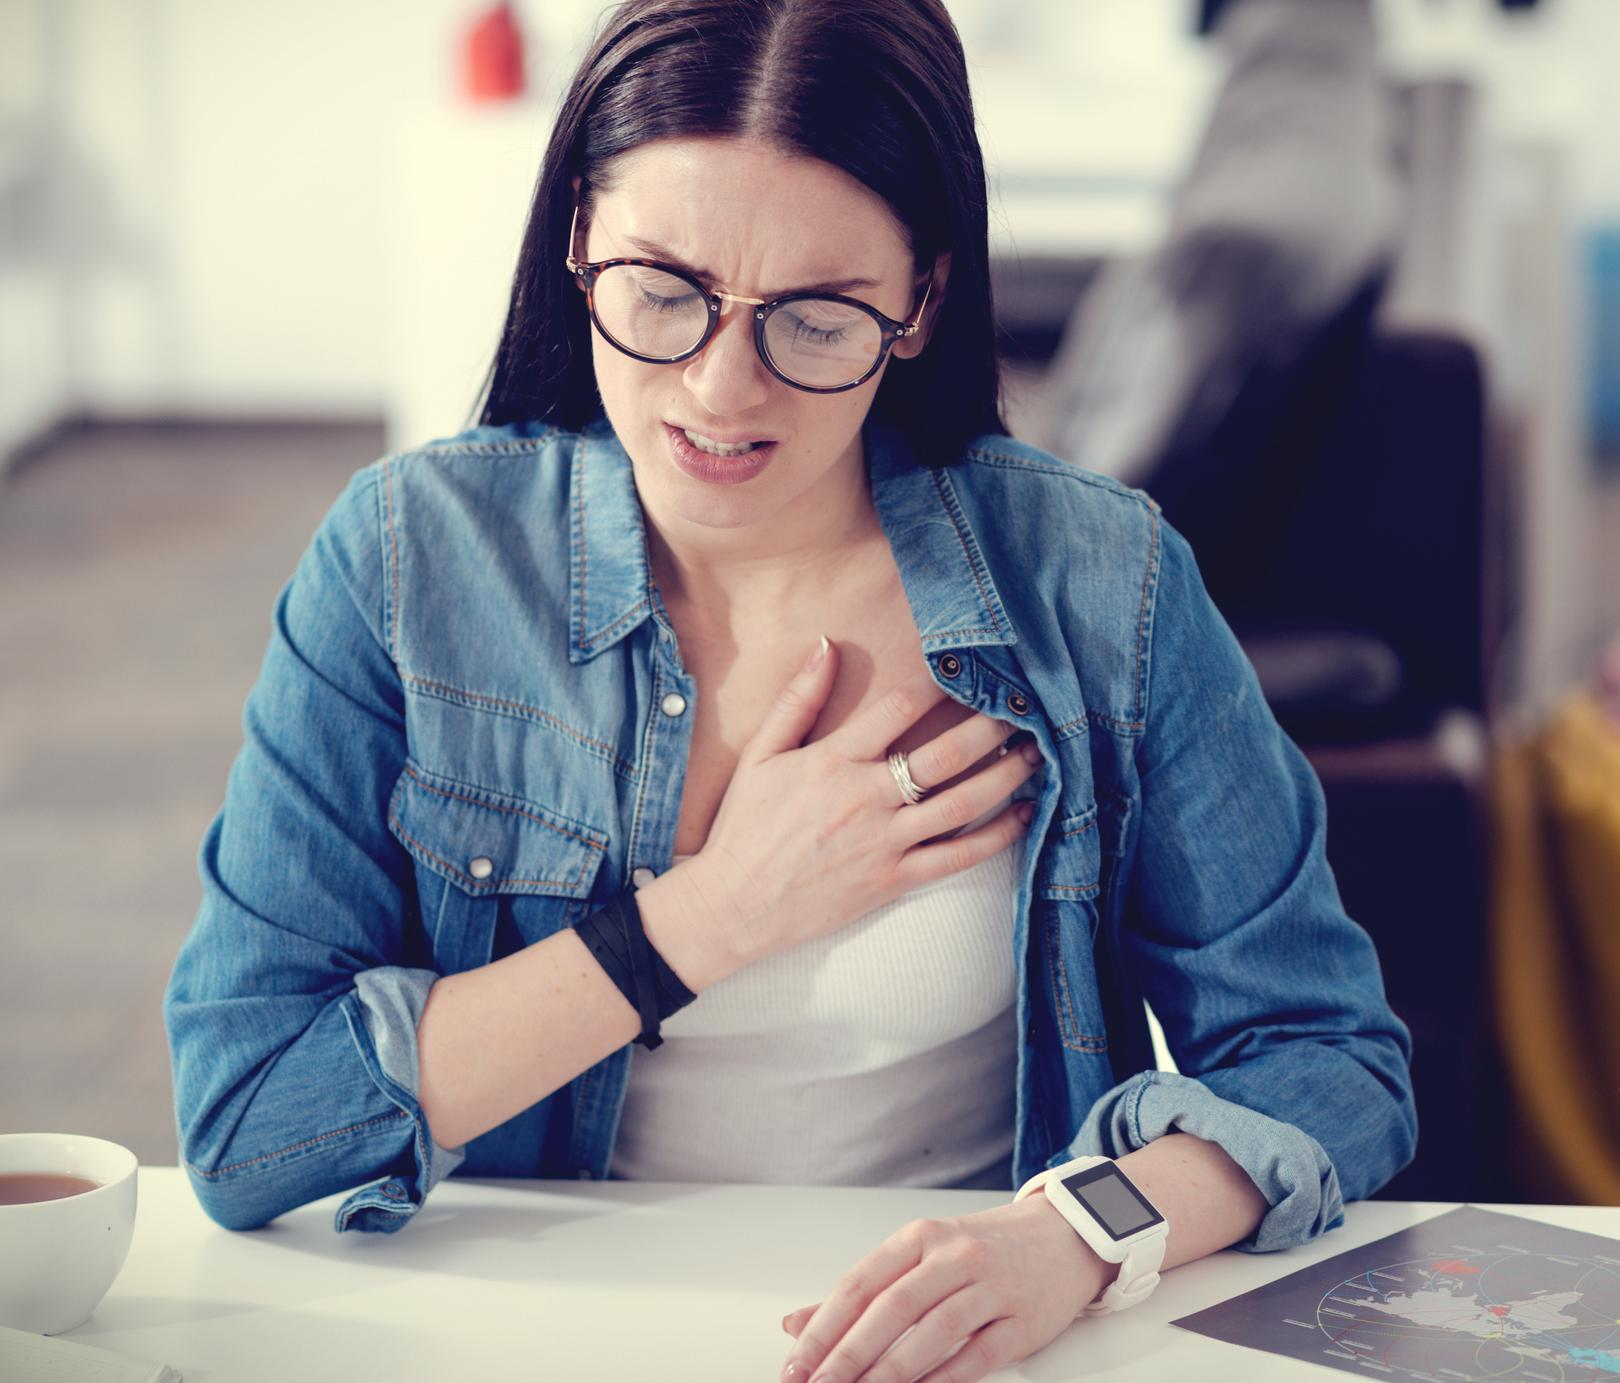 Identifier les signes d'un malaise cardiaque